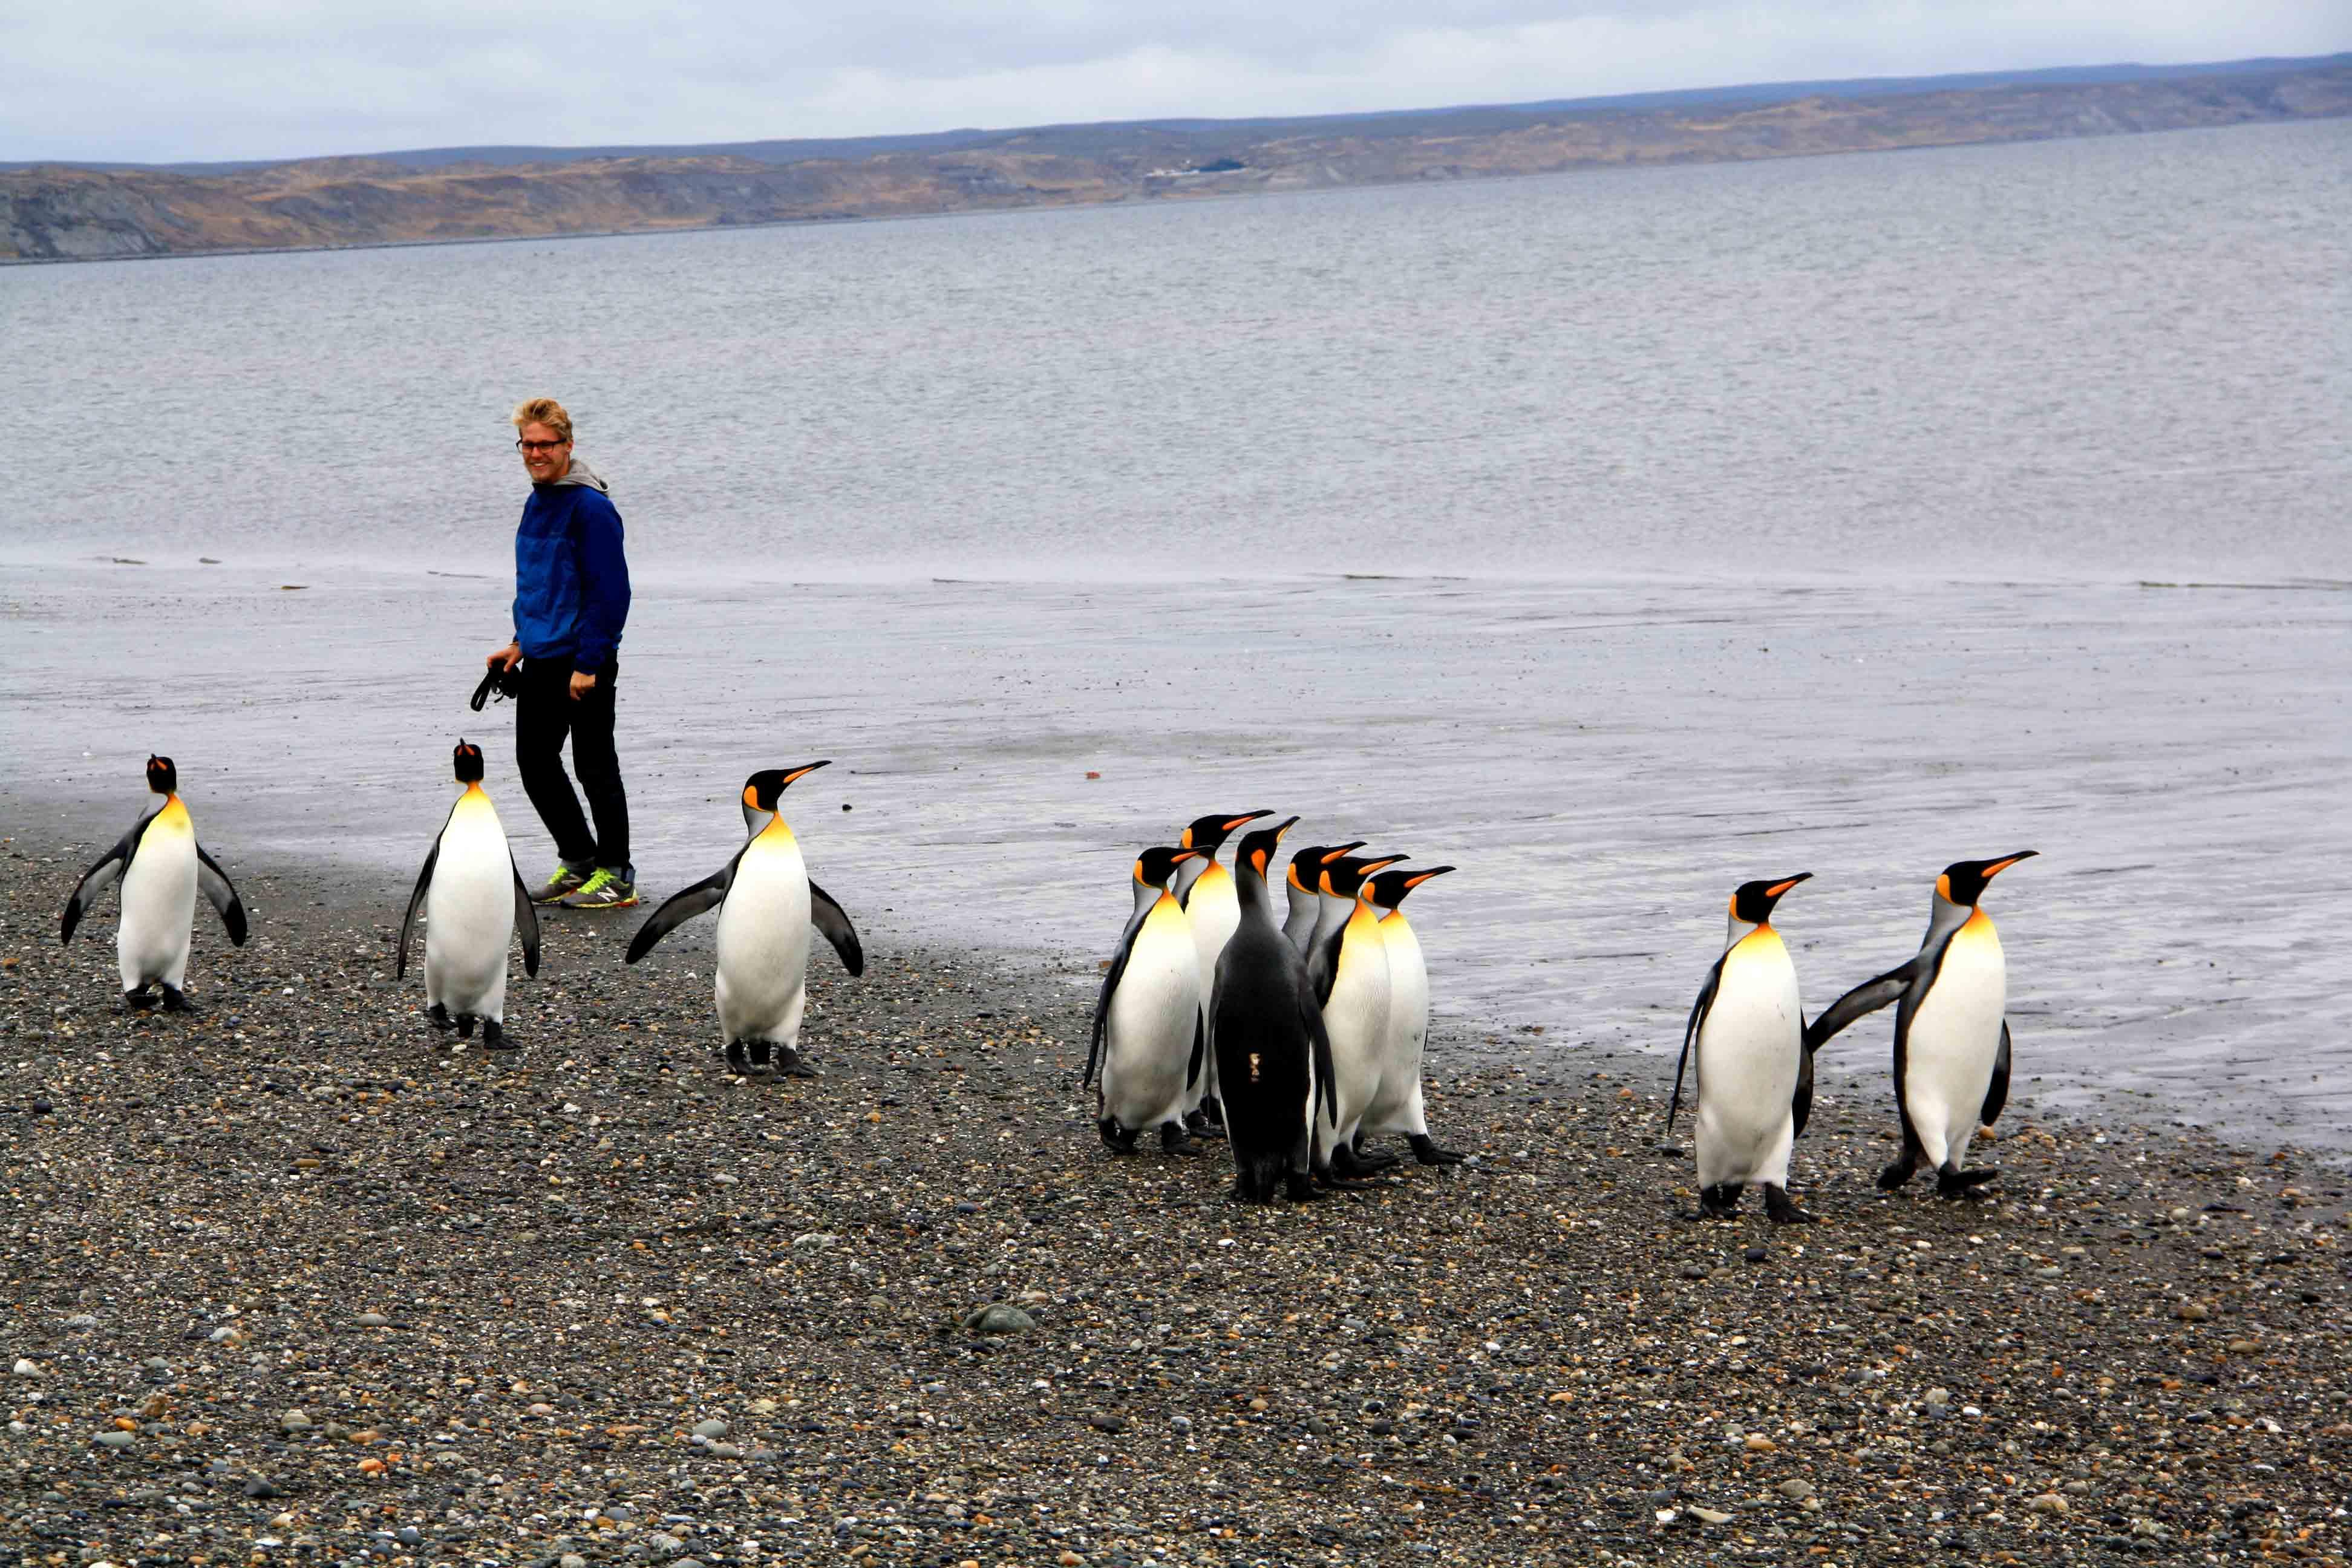 pinguins tierra del fuego national park